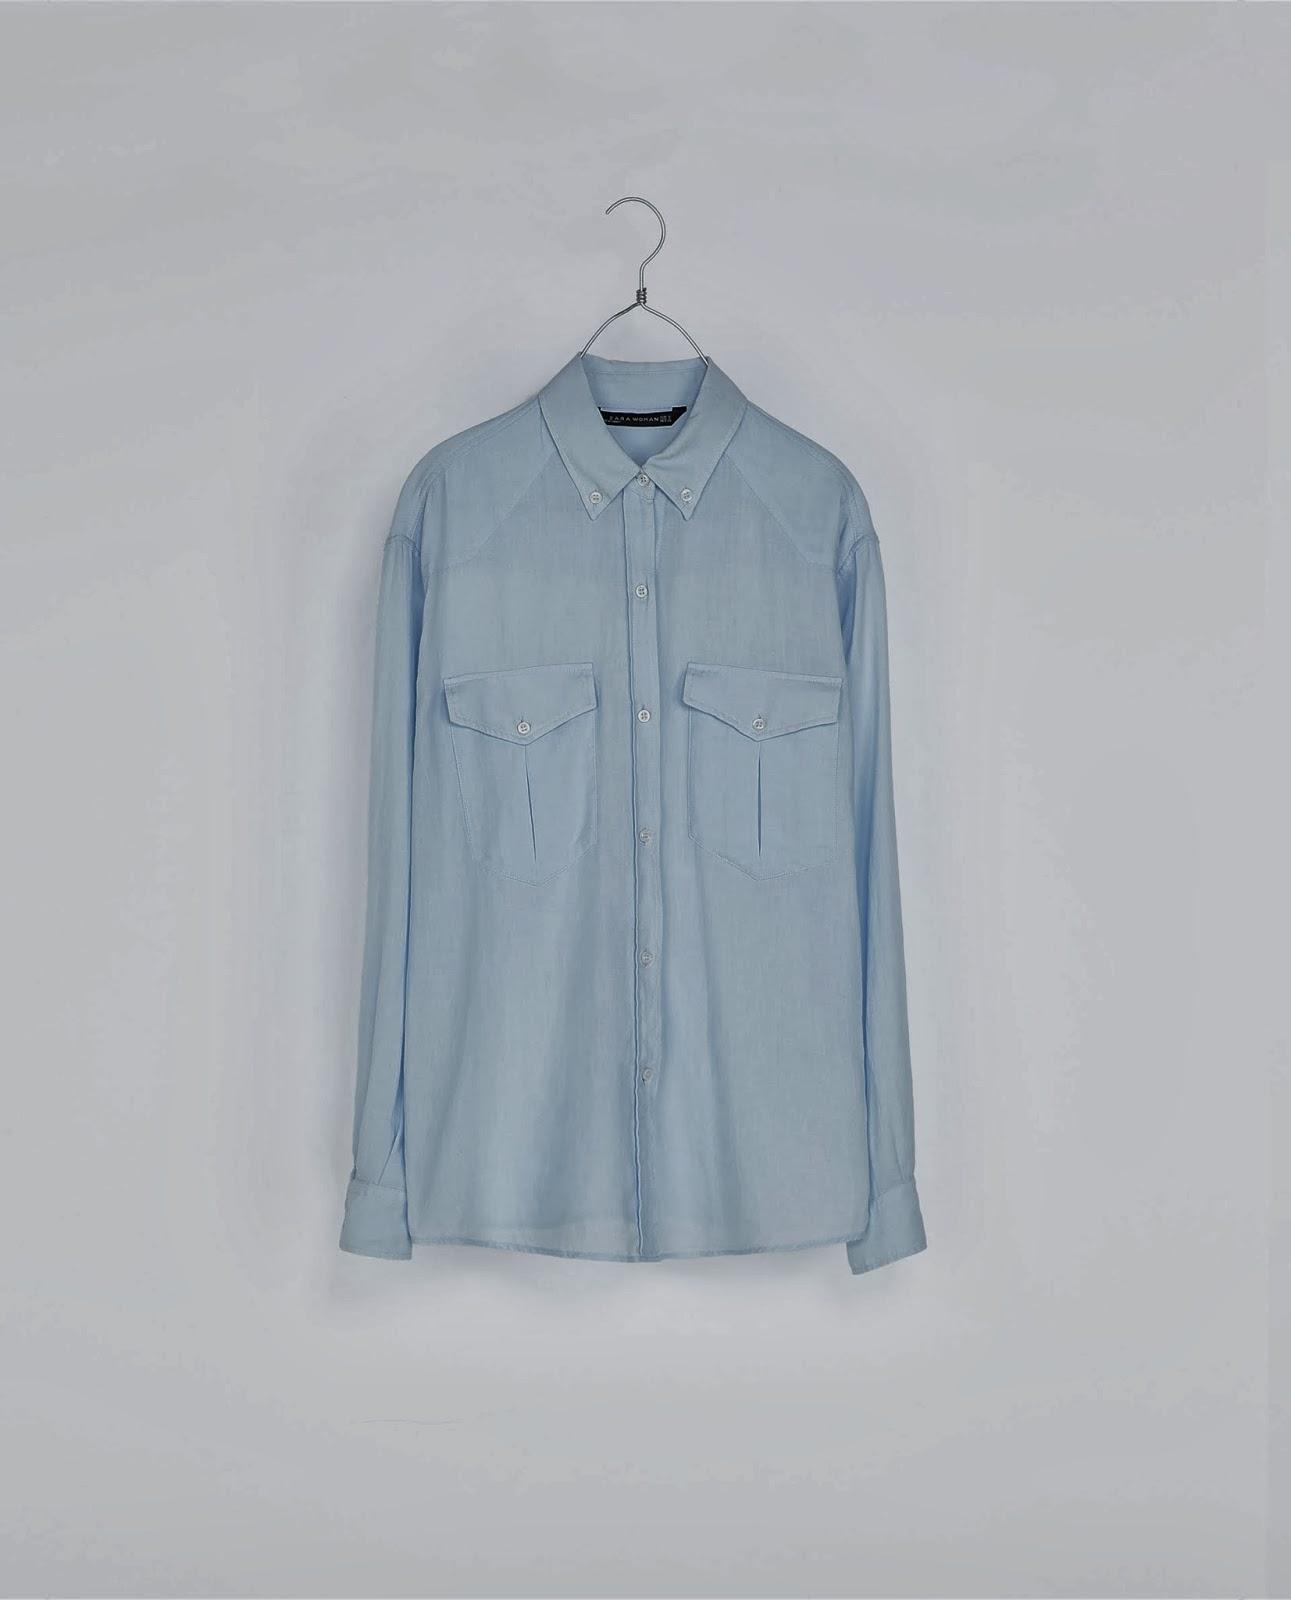 camisa celeste para combinar con jeans